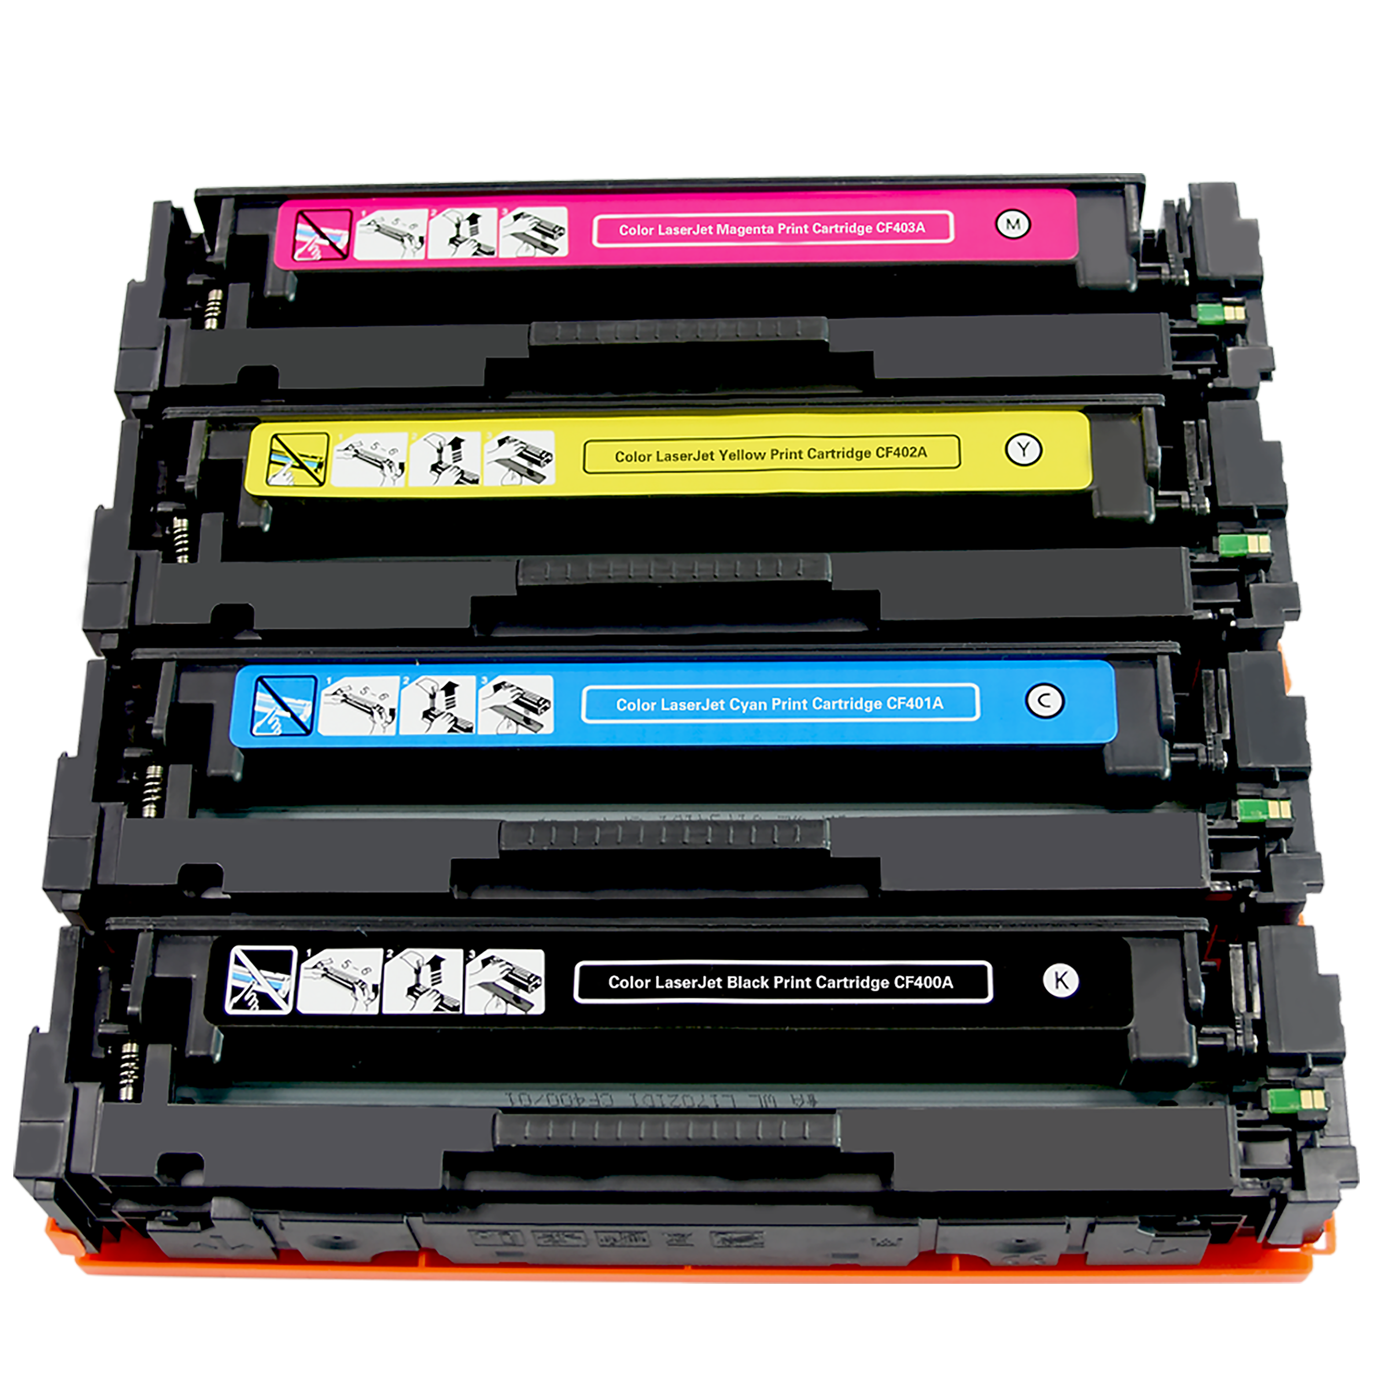 New Compatible toner cartridge 201A CF400A CF401A CF402A CF403A